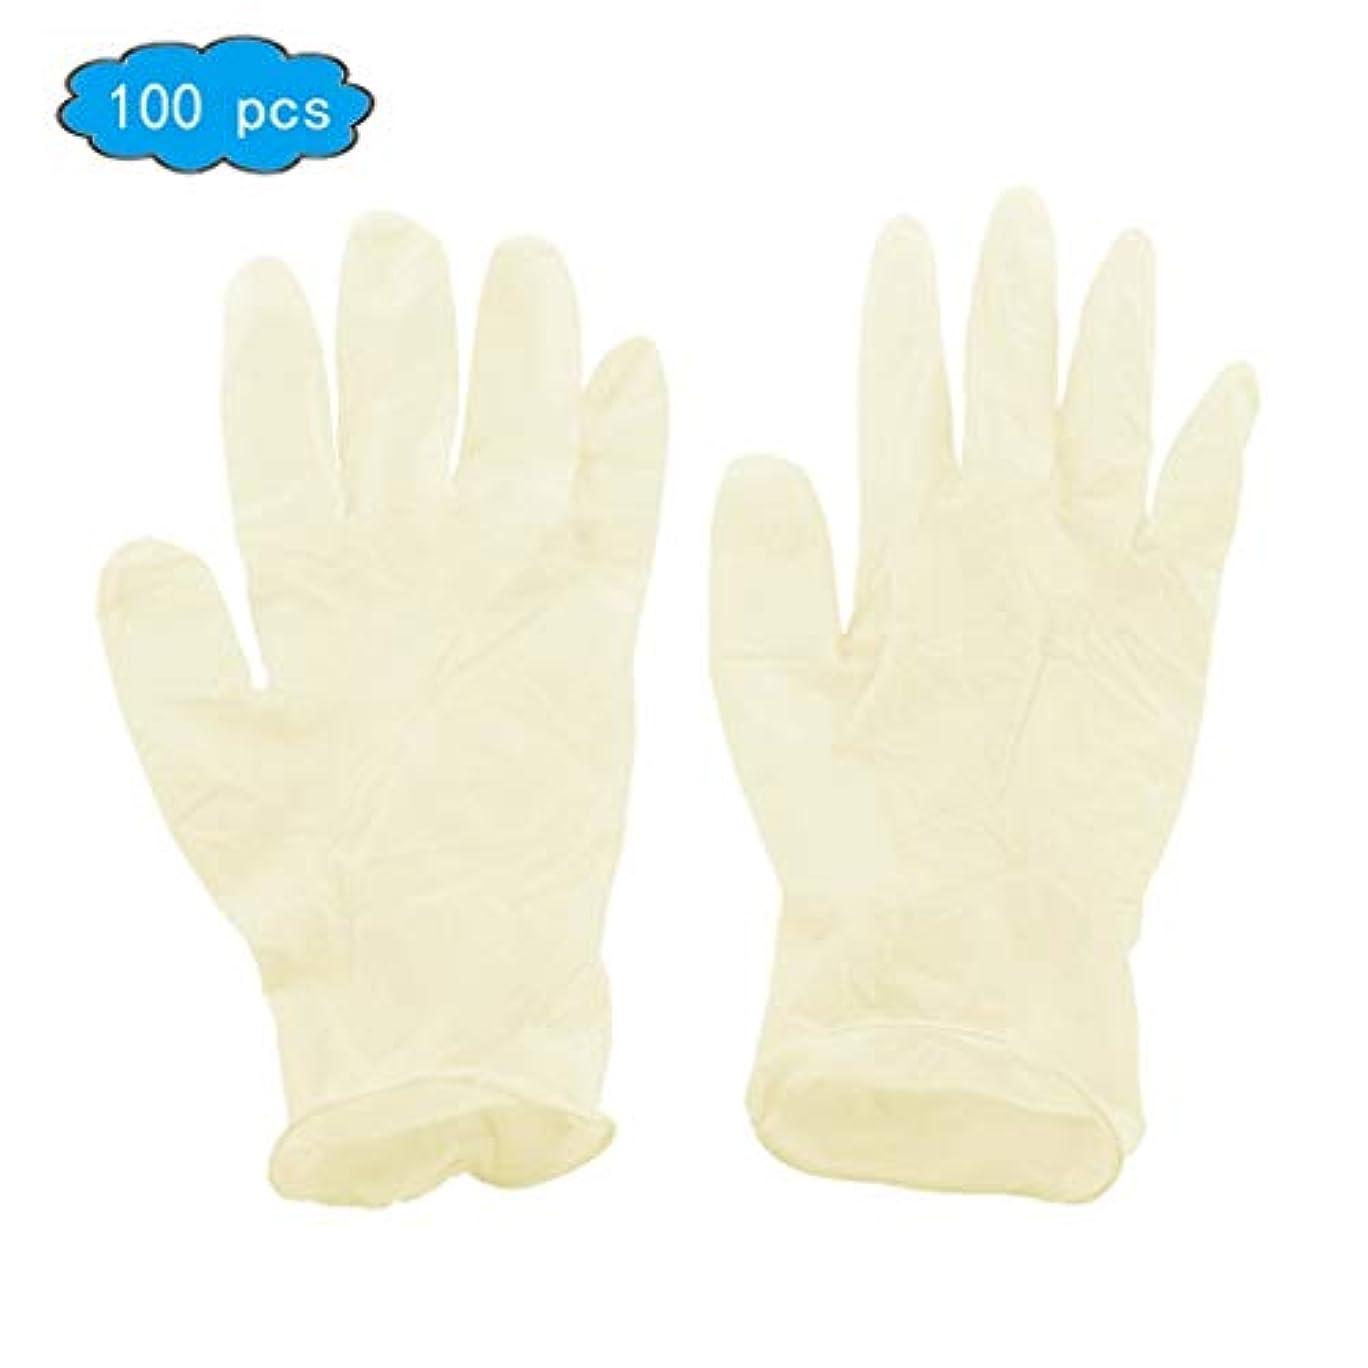 自然補う正気使い捨て手袋 - 医療用、パウダーフリー、ラテックスゴム、使い捨て、非滅菌、食品安全、テクスチャード加工、(便利なディスペンサーパック100)、中サイズ、応急処置用品 (Color : Beige, Size : M)